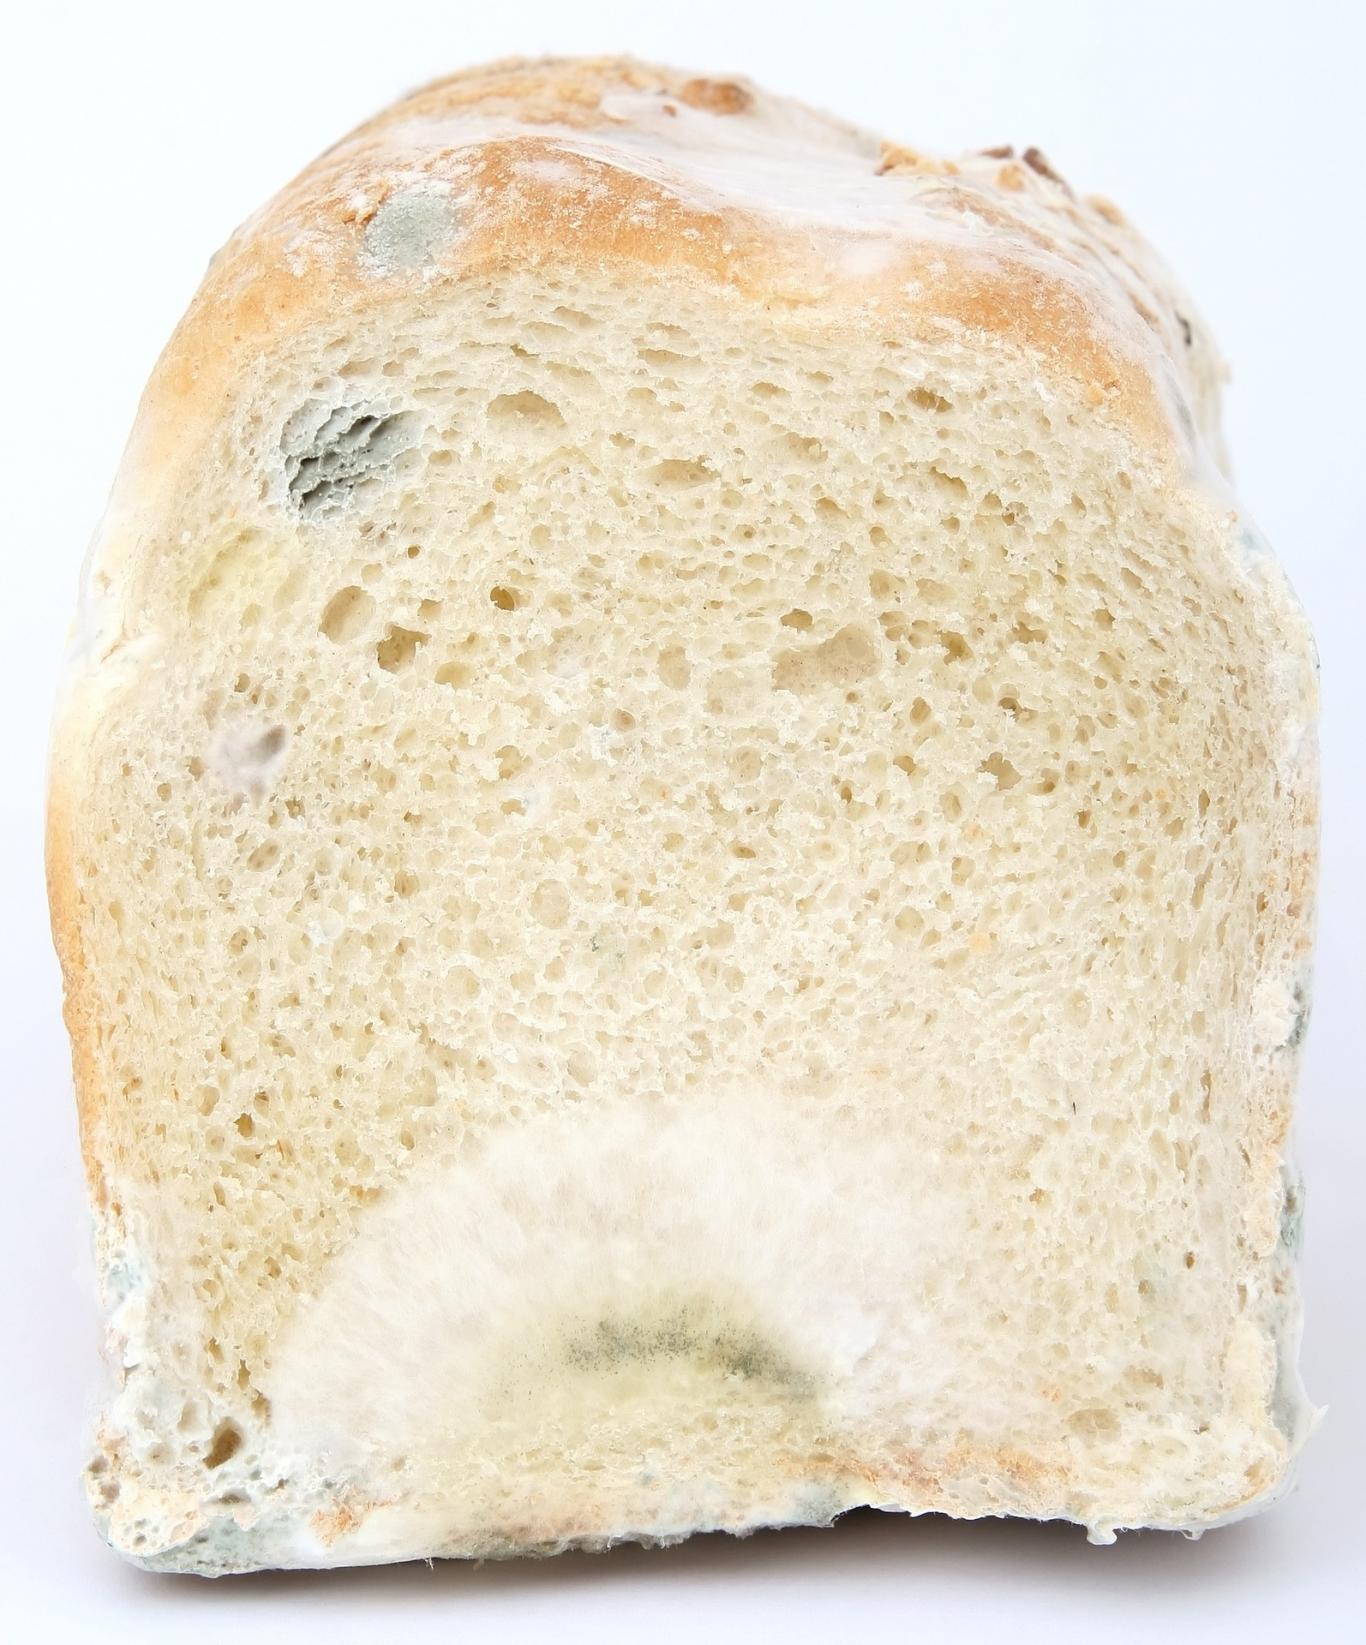 Corte de pan con moho